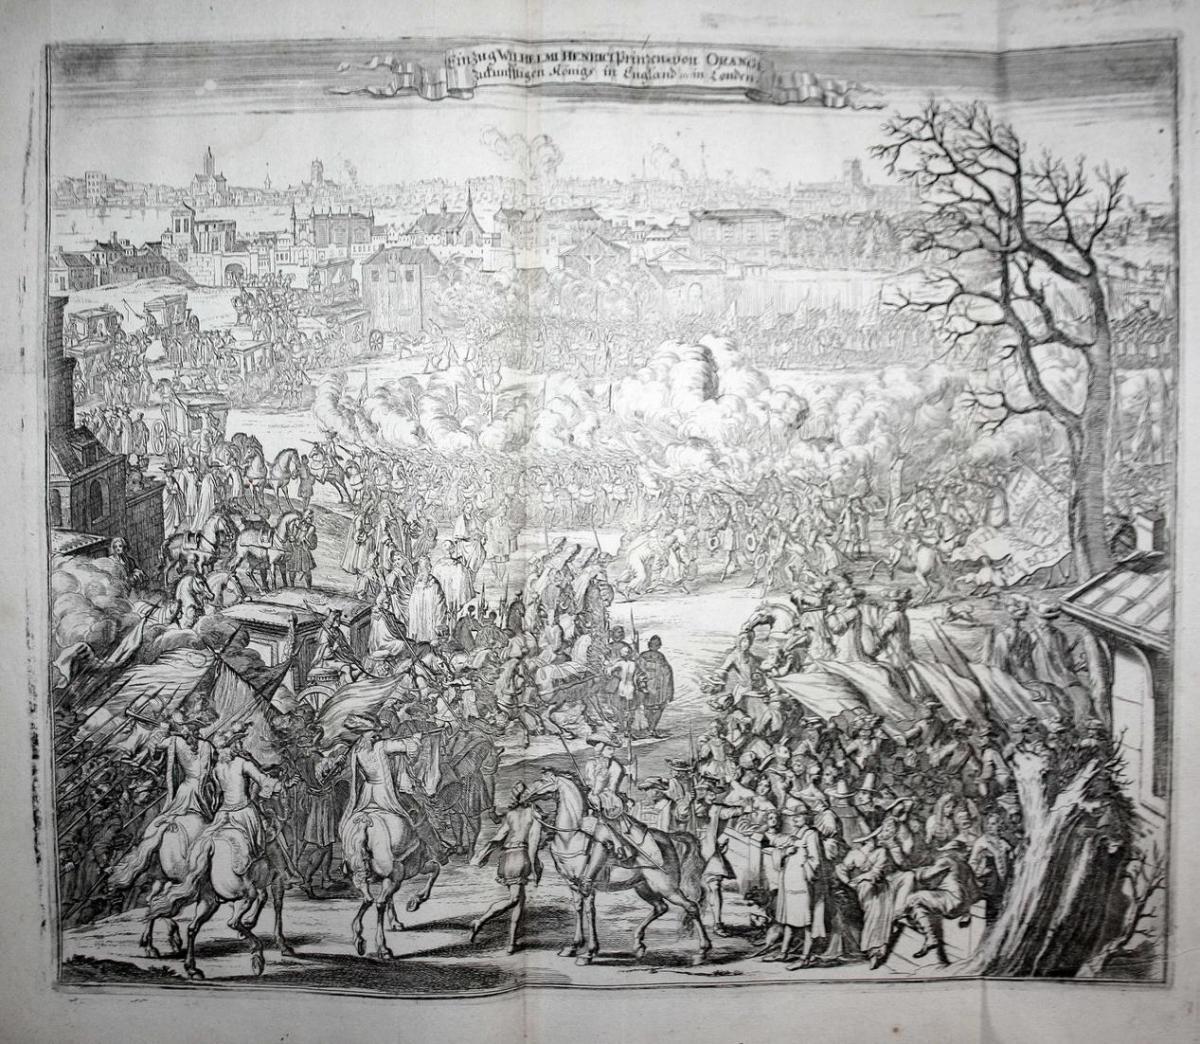 Einzug Wilhelmi Henrici Prinzen von Orange zukunfftigen Königs in England etc. in London. Einzug des Prinzen m 0